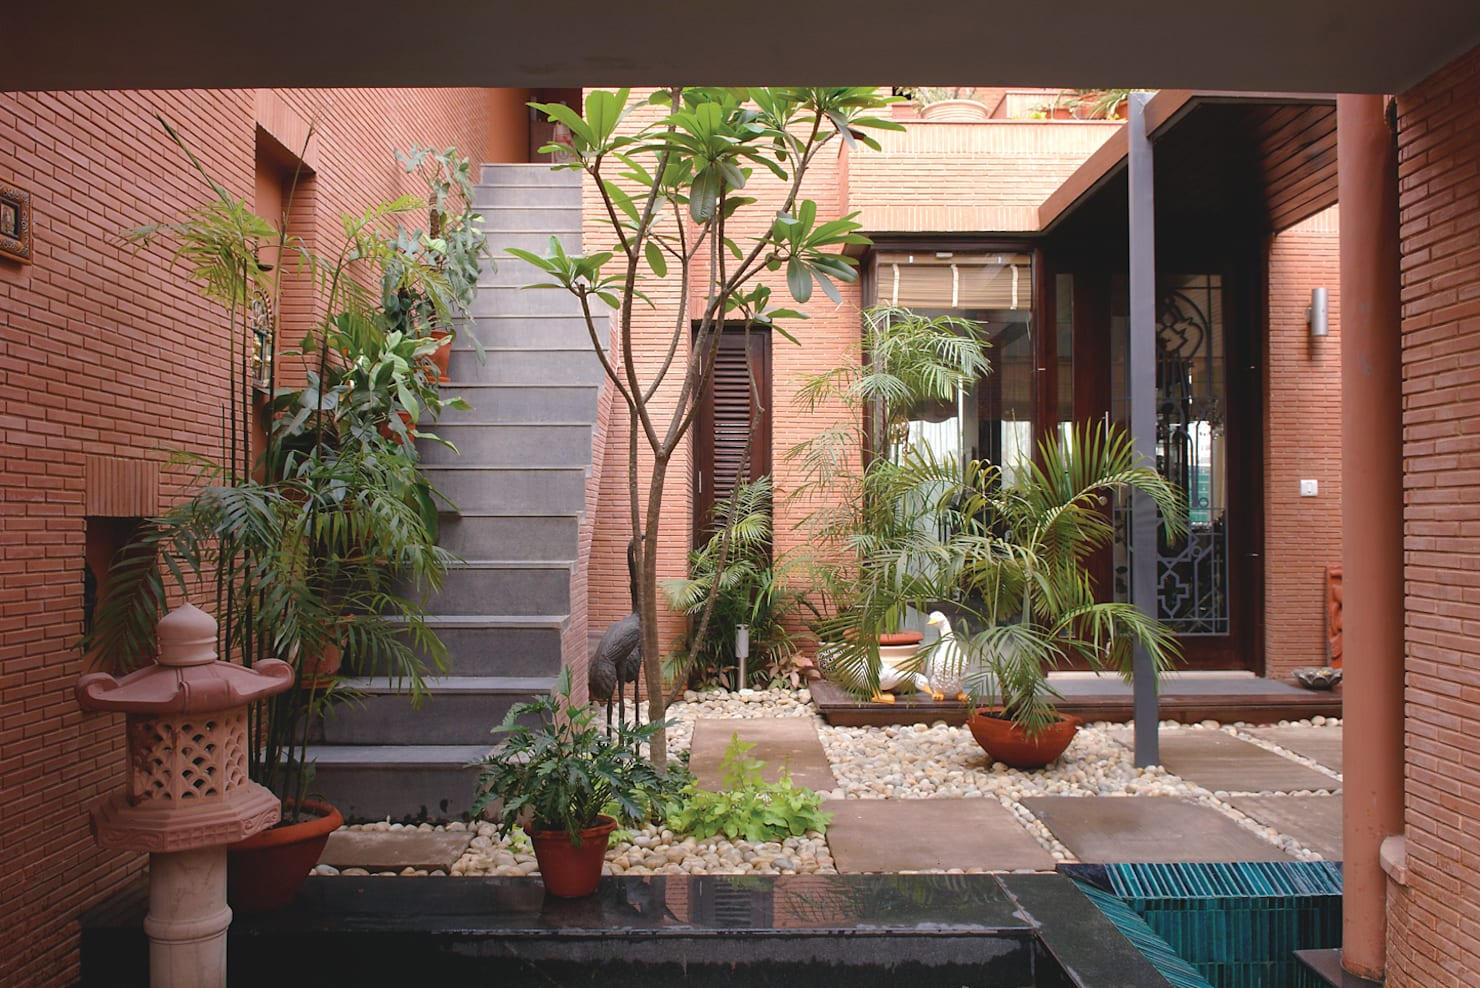 5 Awesome garden decor ideas for a small home!